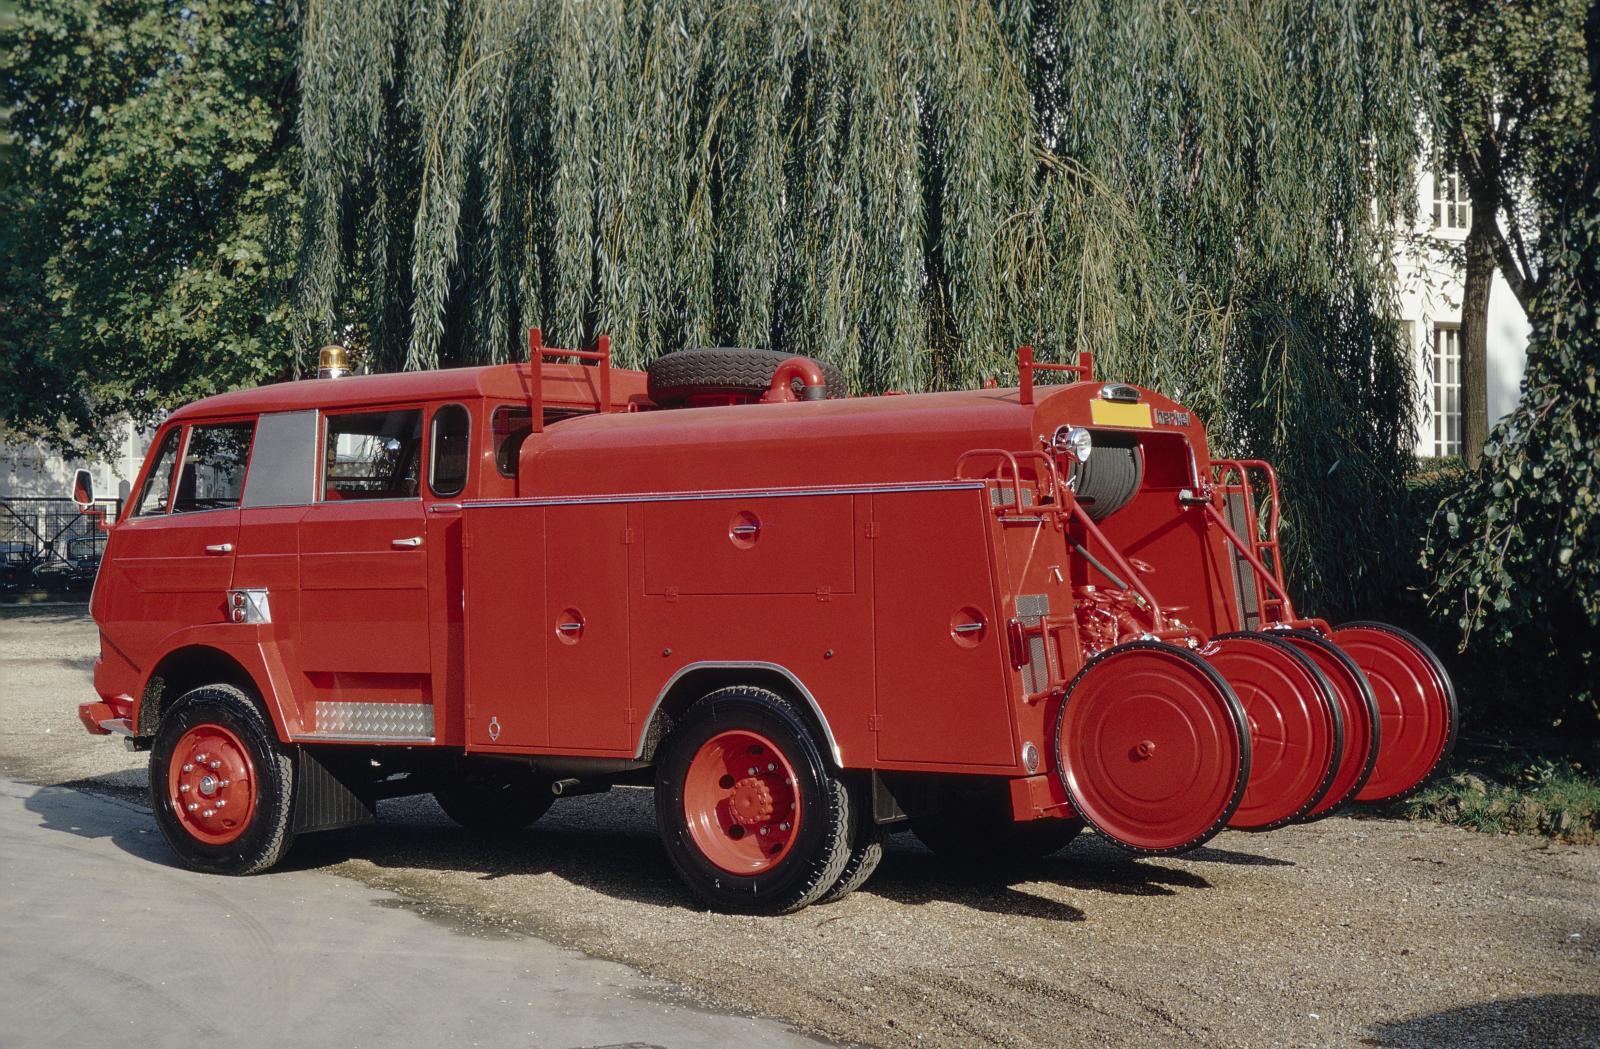 Грузовик типа 350, пожарный. 1968 г.